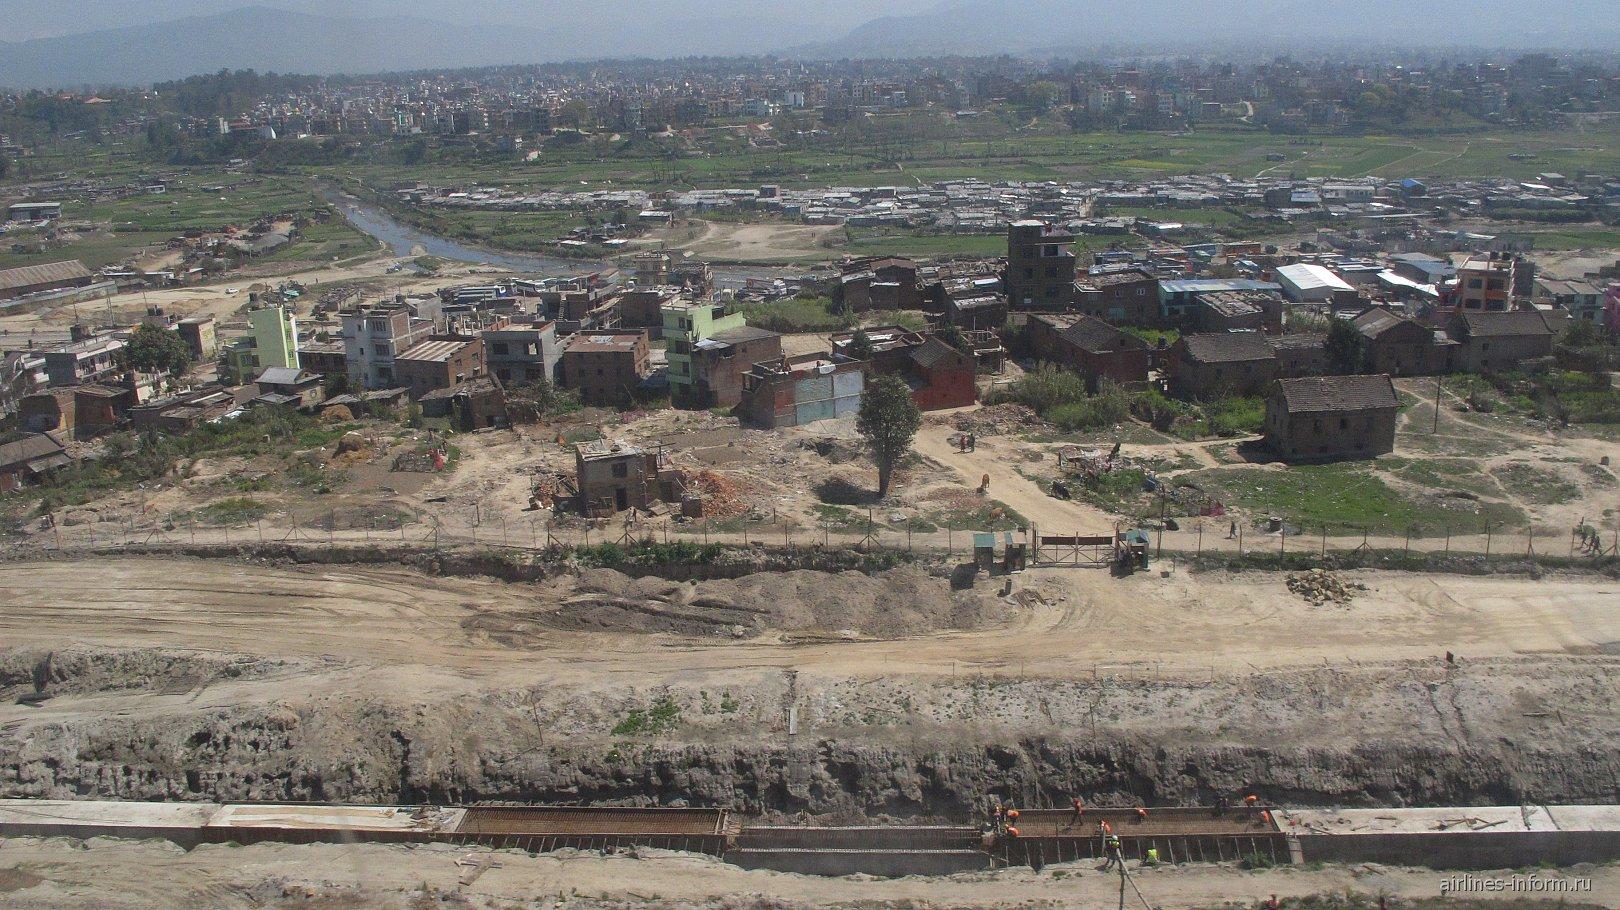 Вид на Катманду из самолета